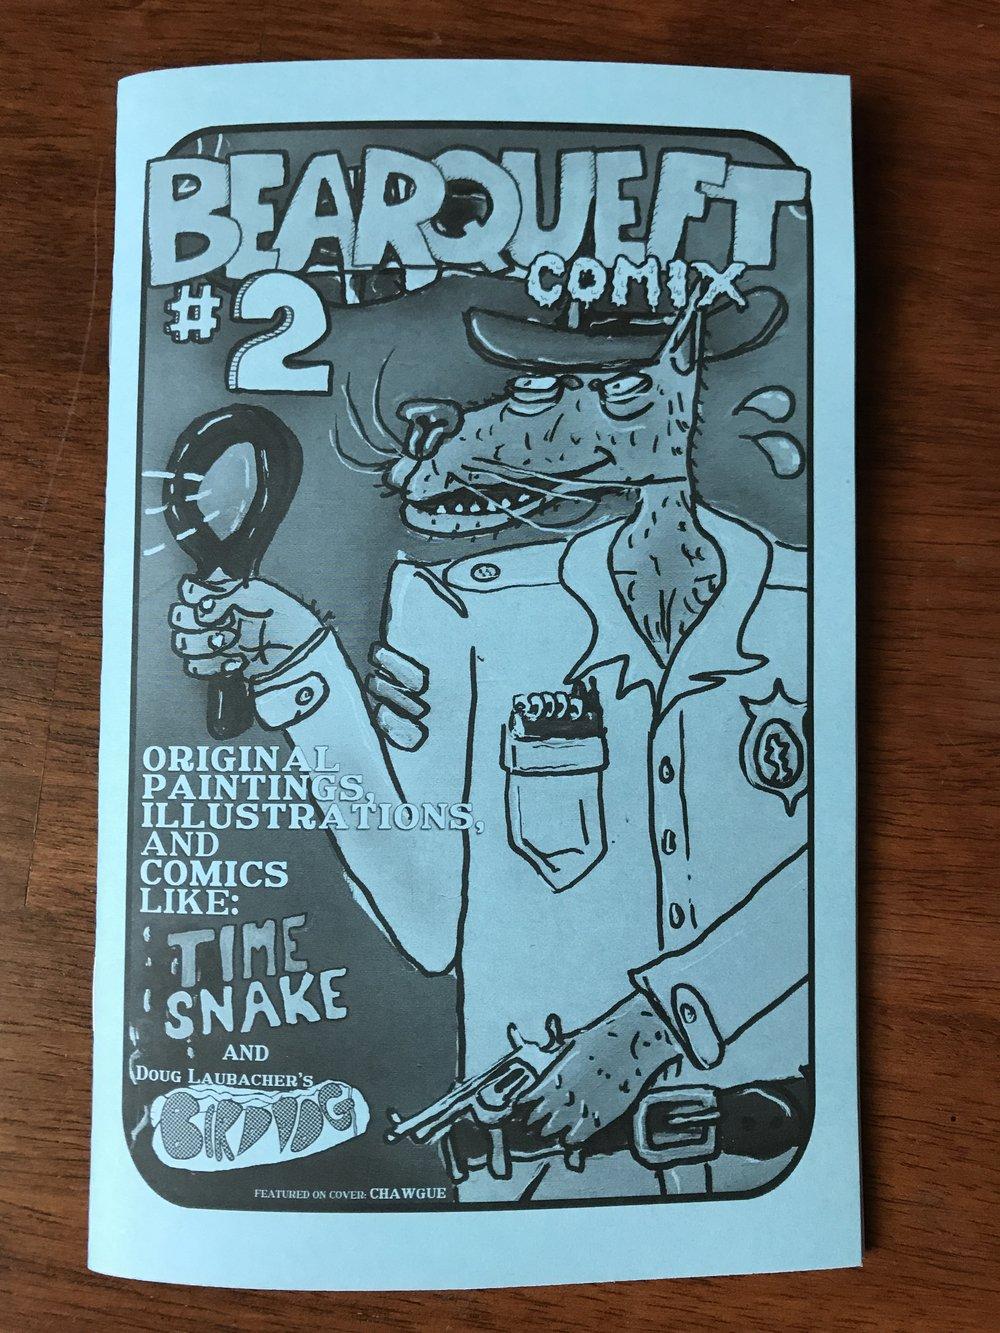 Bearqueft Comix #2 - Zine